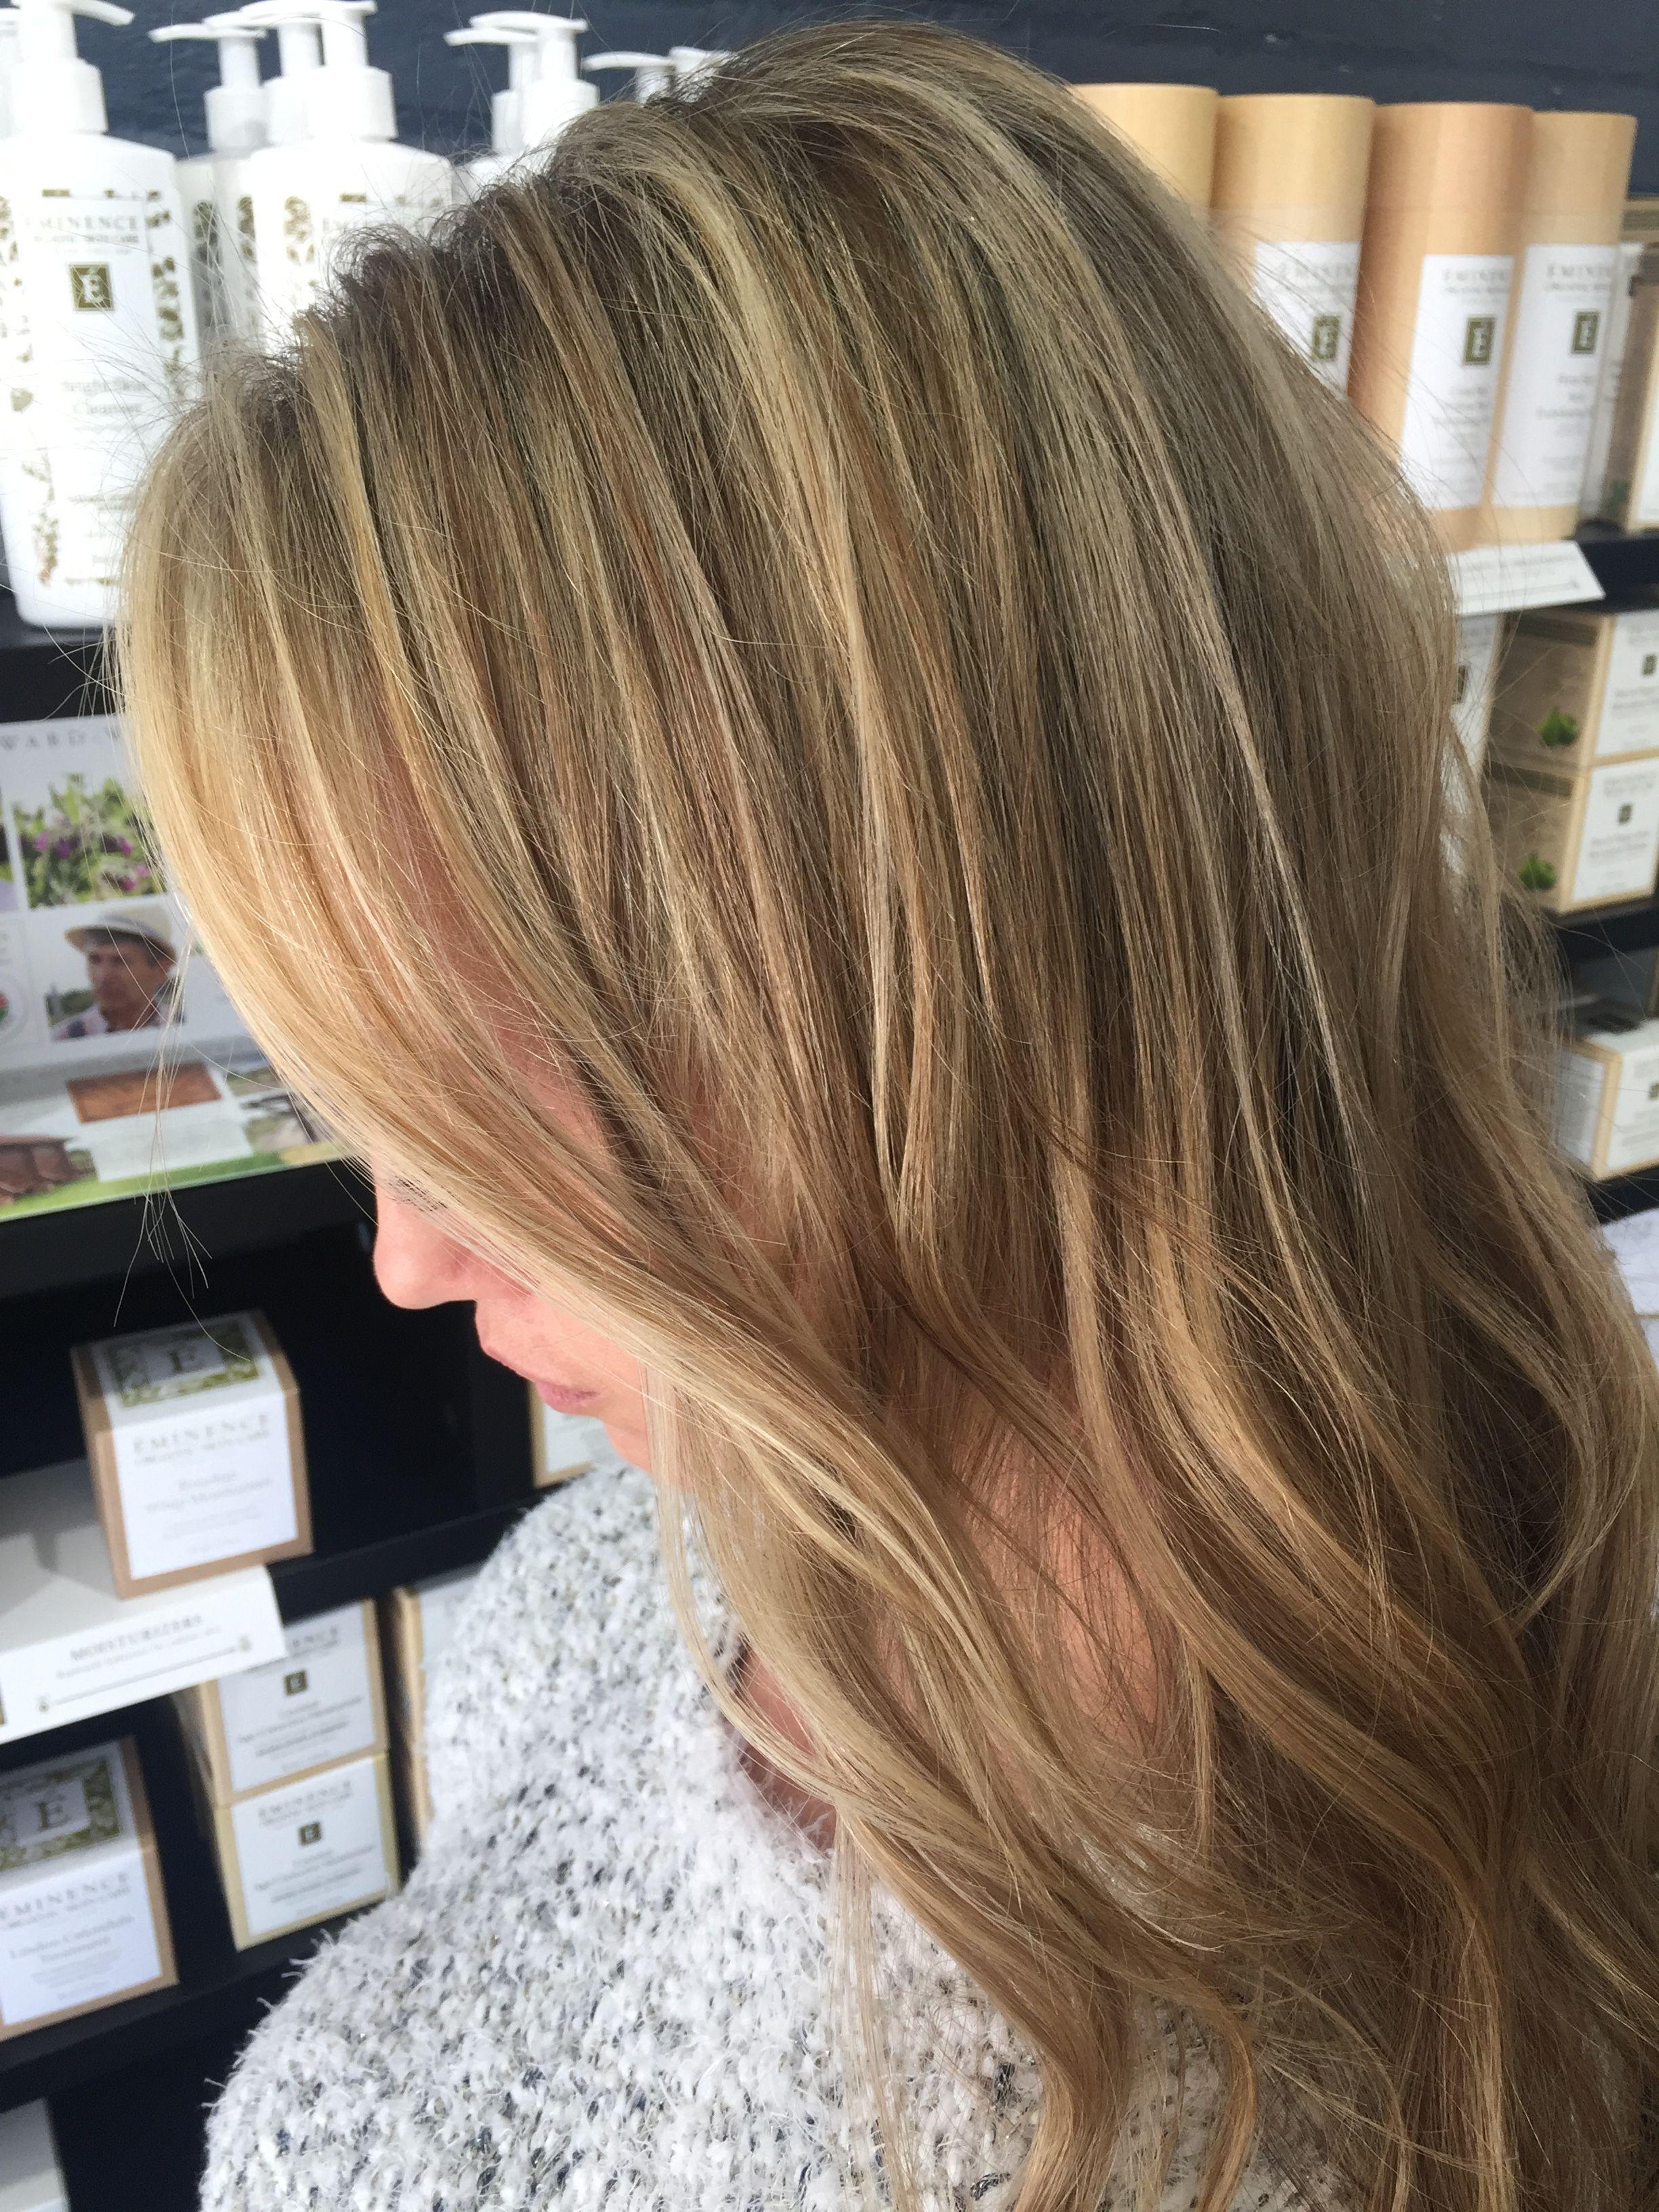 Pin by Jade Robin on Hair ideas Hair styles, Hair, Long